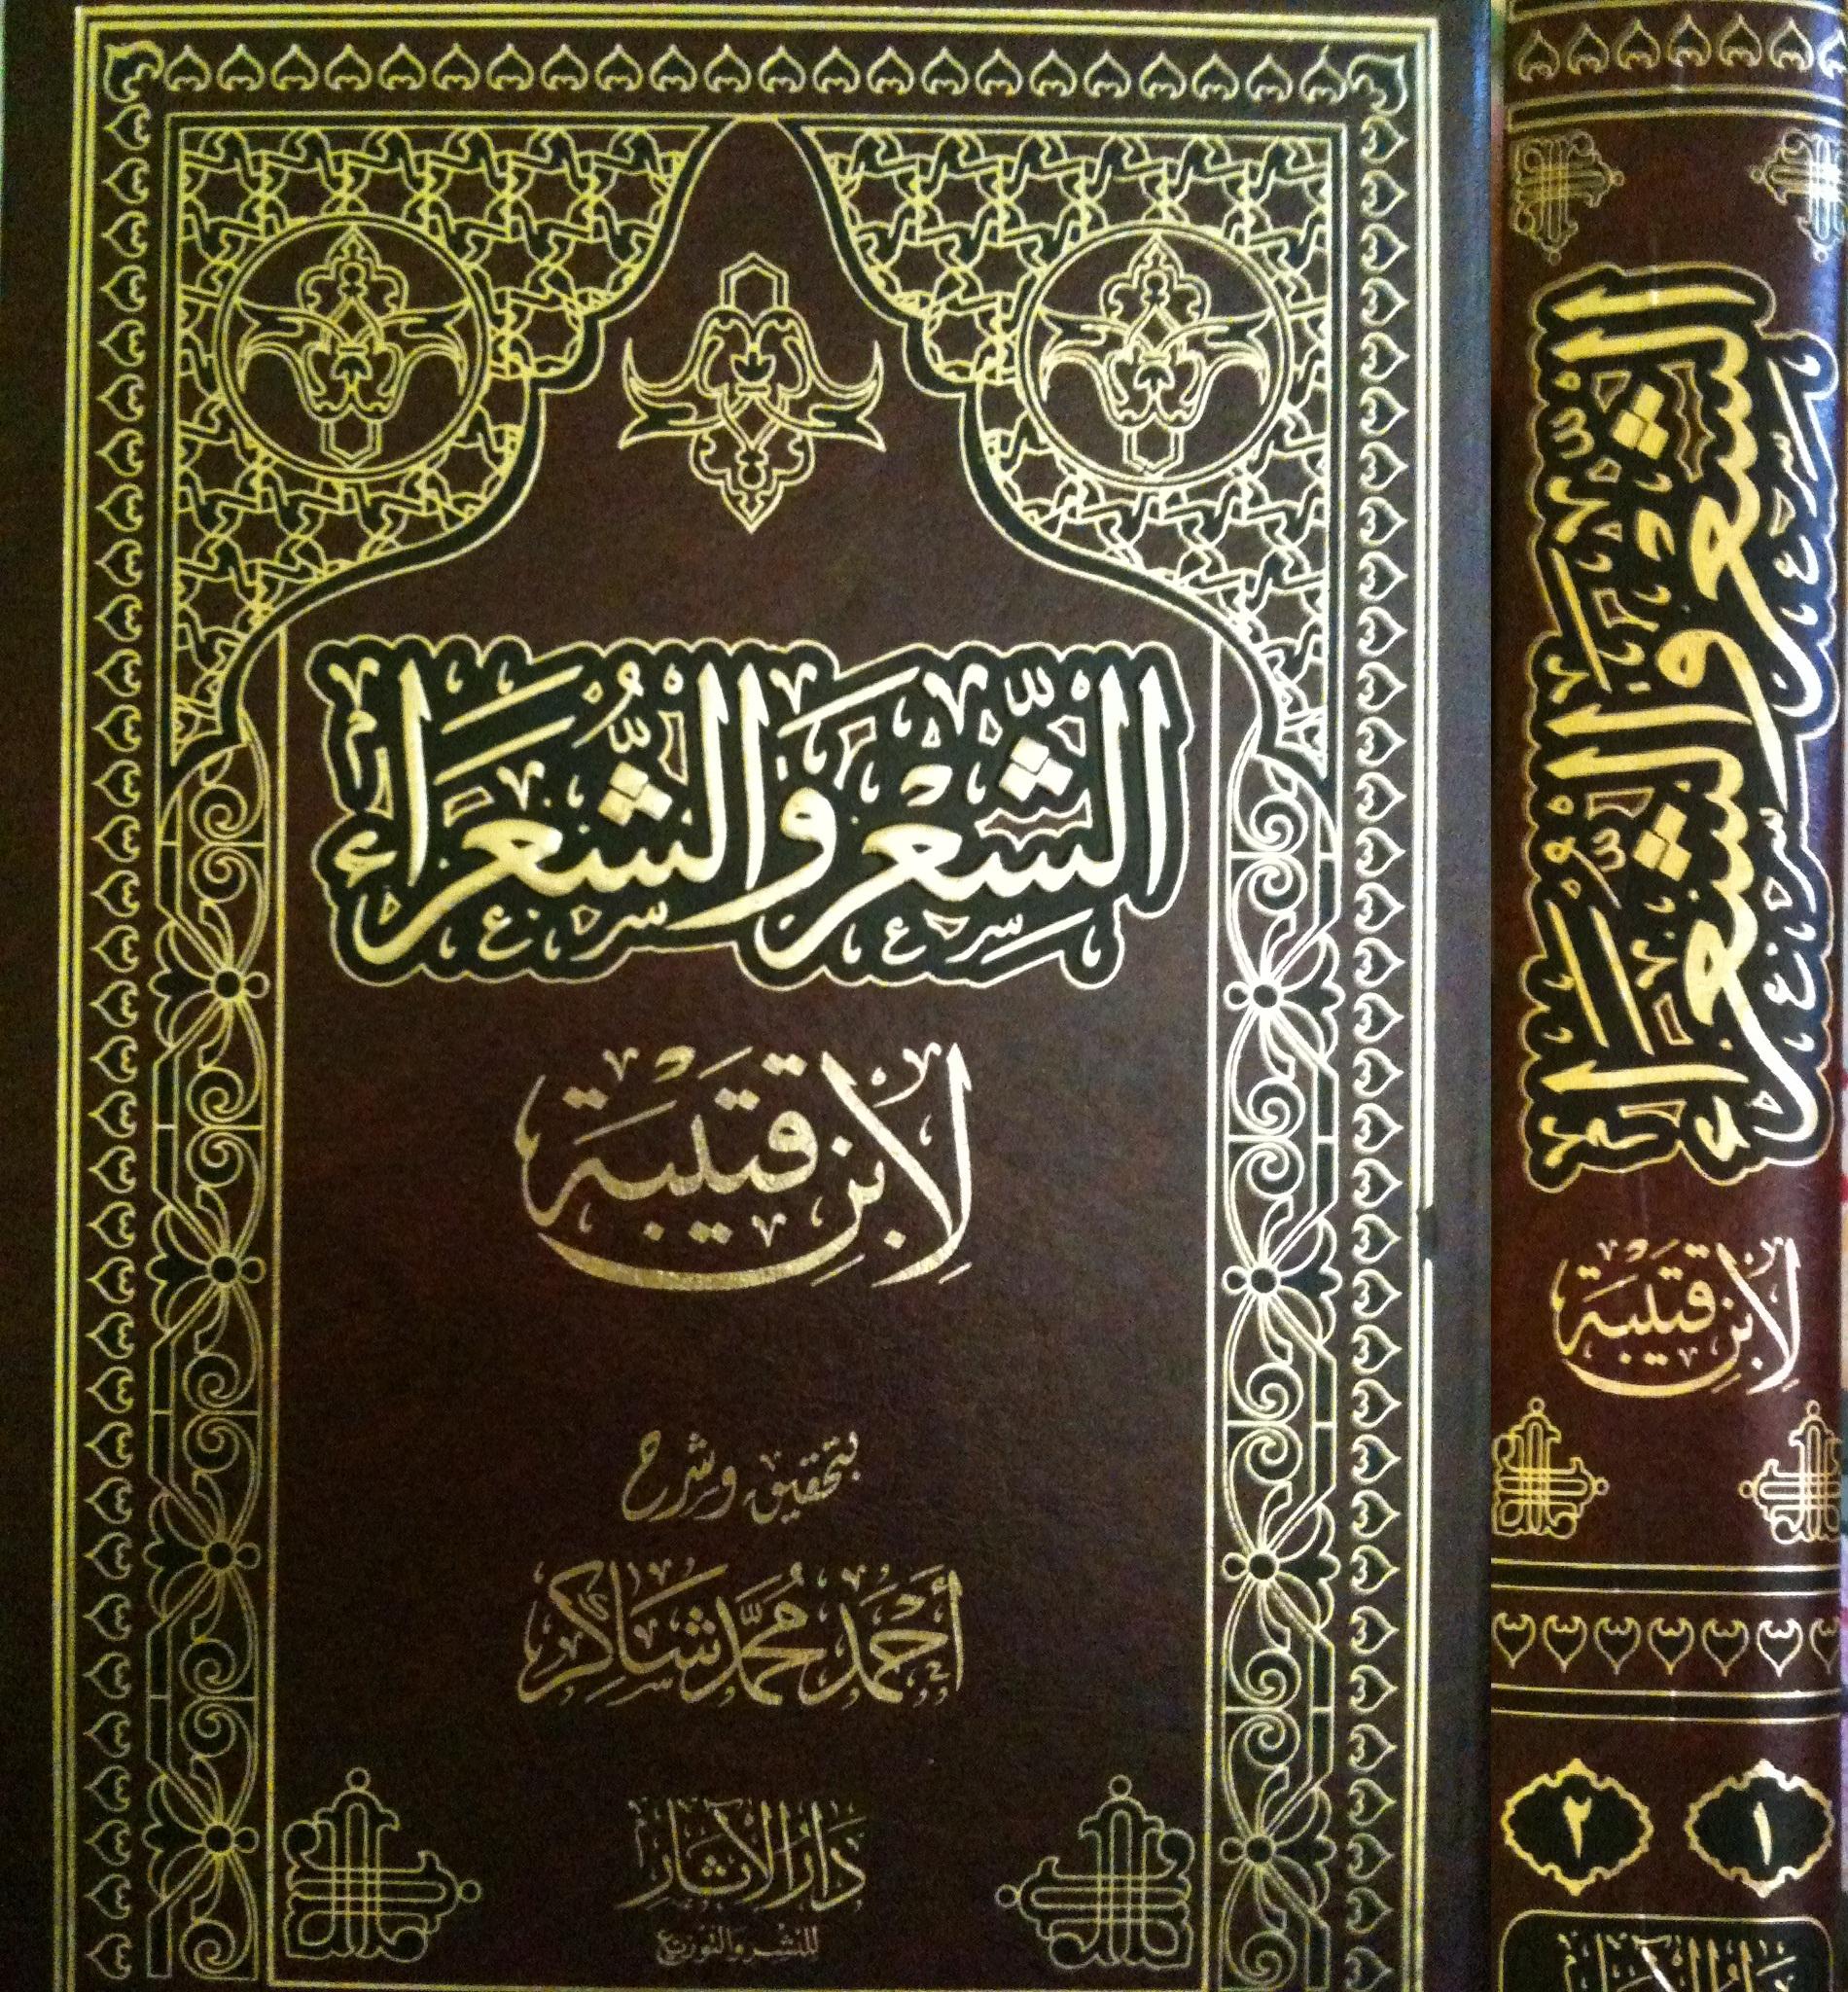 شعراء العرب والإسلام #1: أحمد شوقي أمير الشعراء - محمد إبراهيم سليم